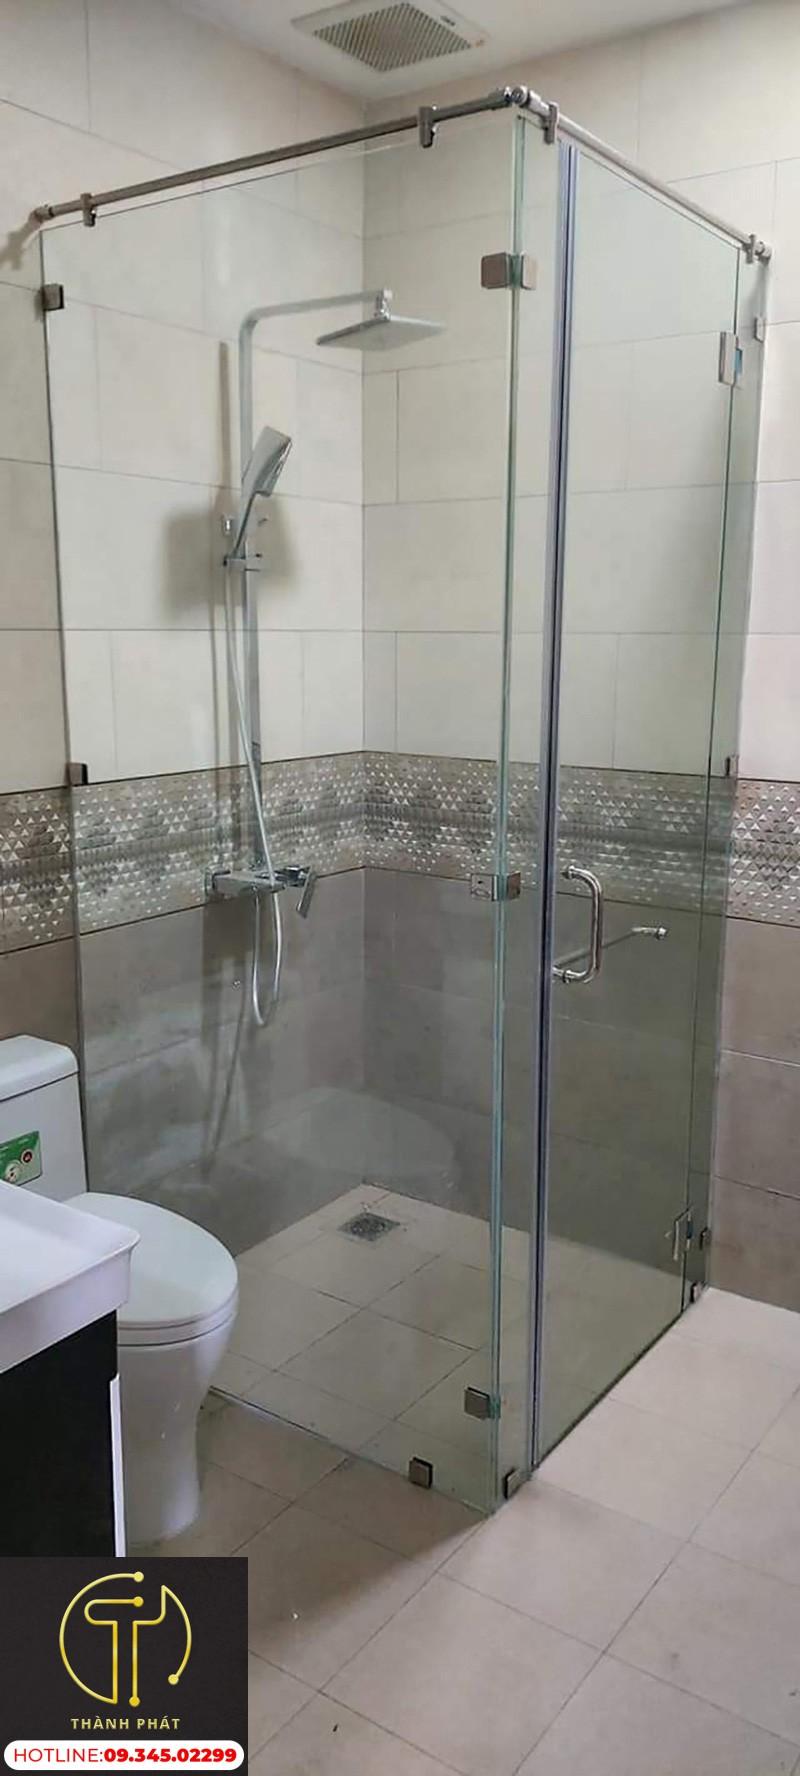 Buồng tắm đứng 90 độ